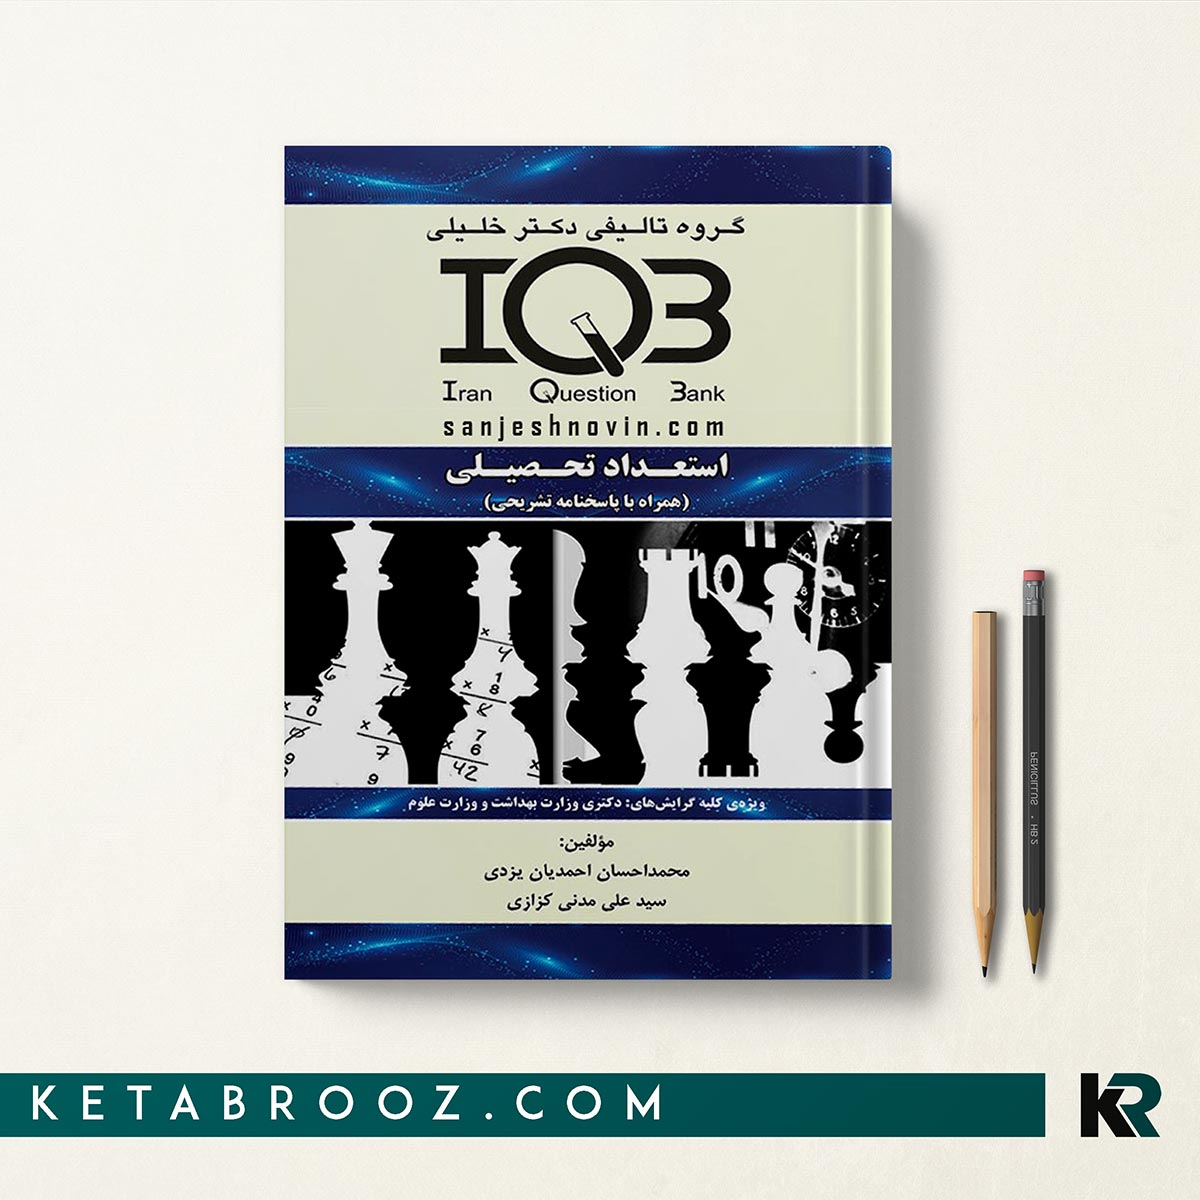 کتاب IQB استعداد تحصیلی